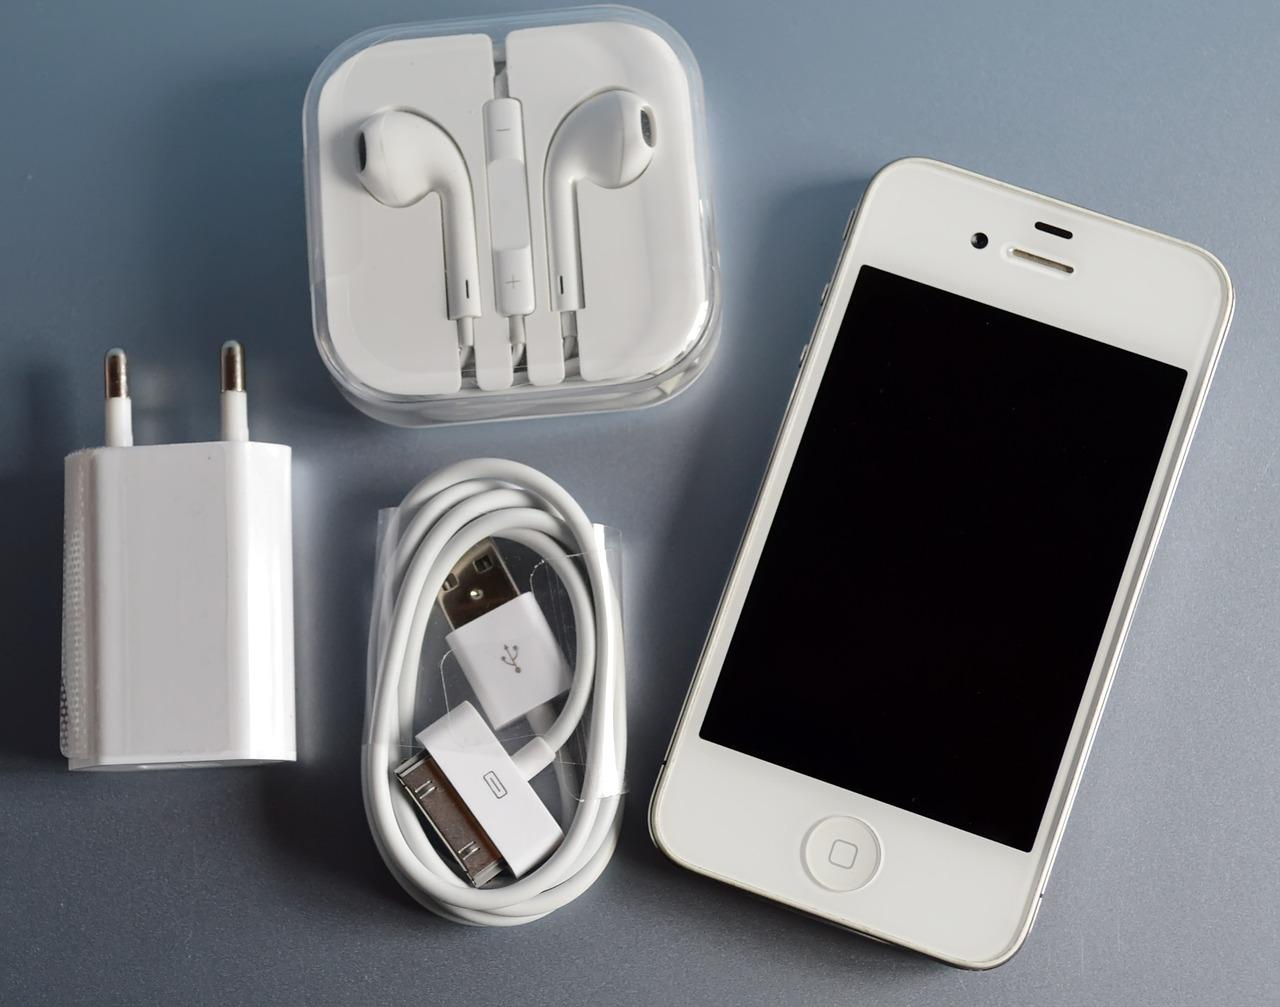 蘋果上次發生Delay出貨的問題是在2010年的iPhone 4白色